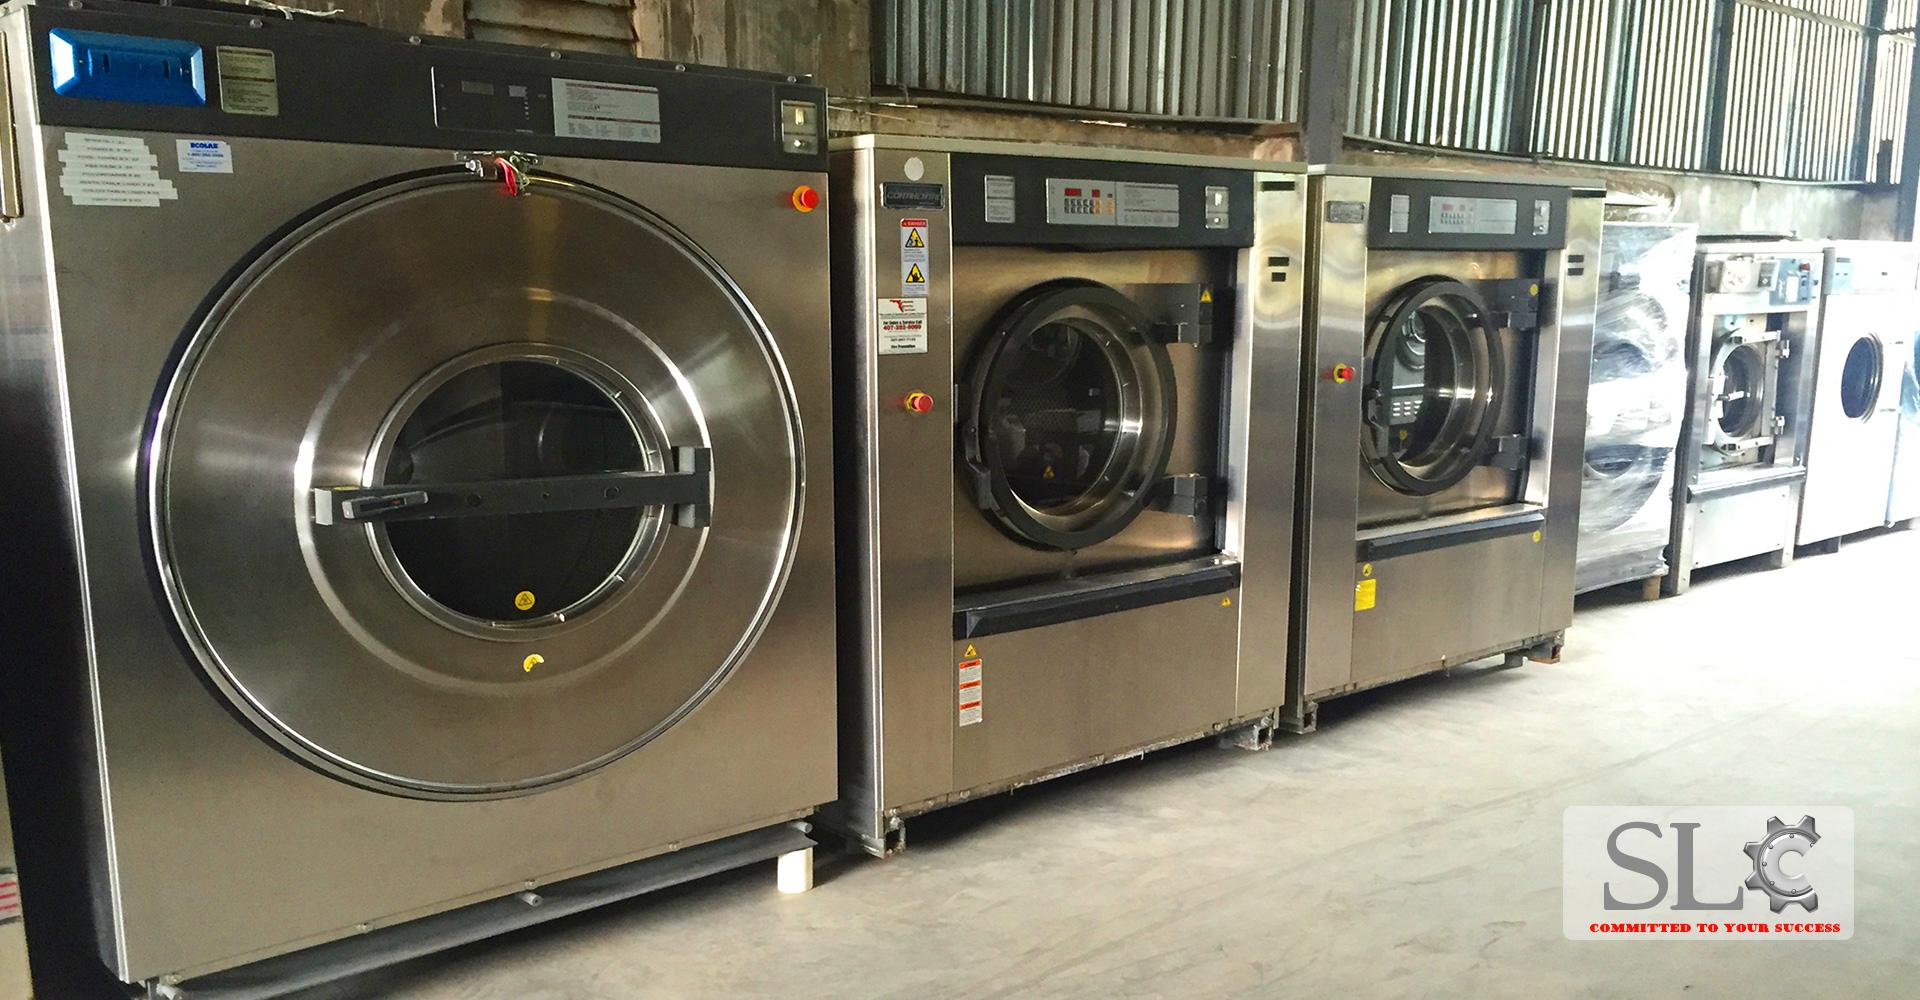 Có nên mua máy giặt công nghiệp cũ giá rẻ không?